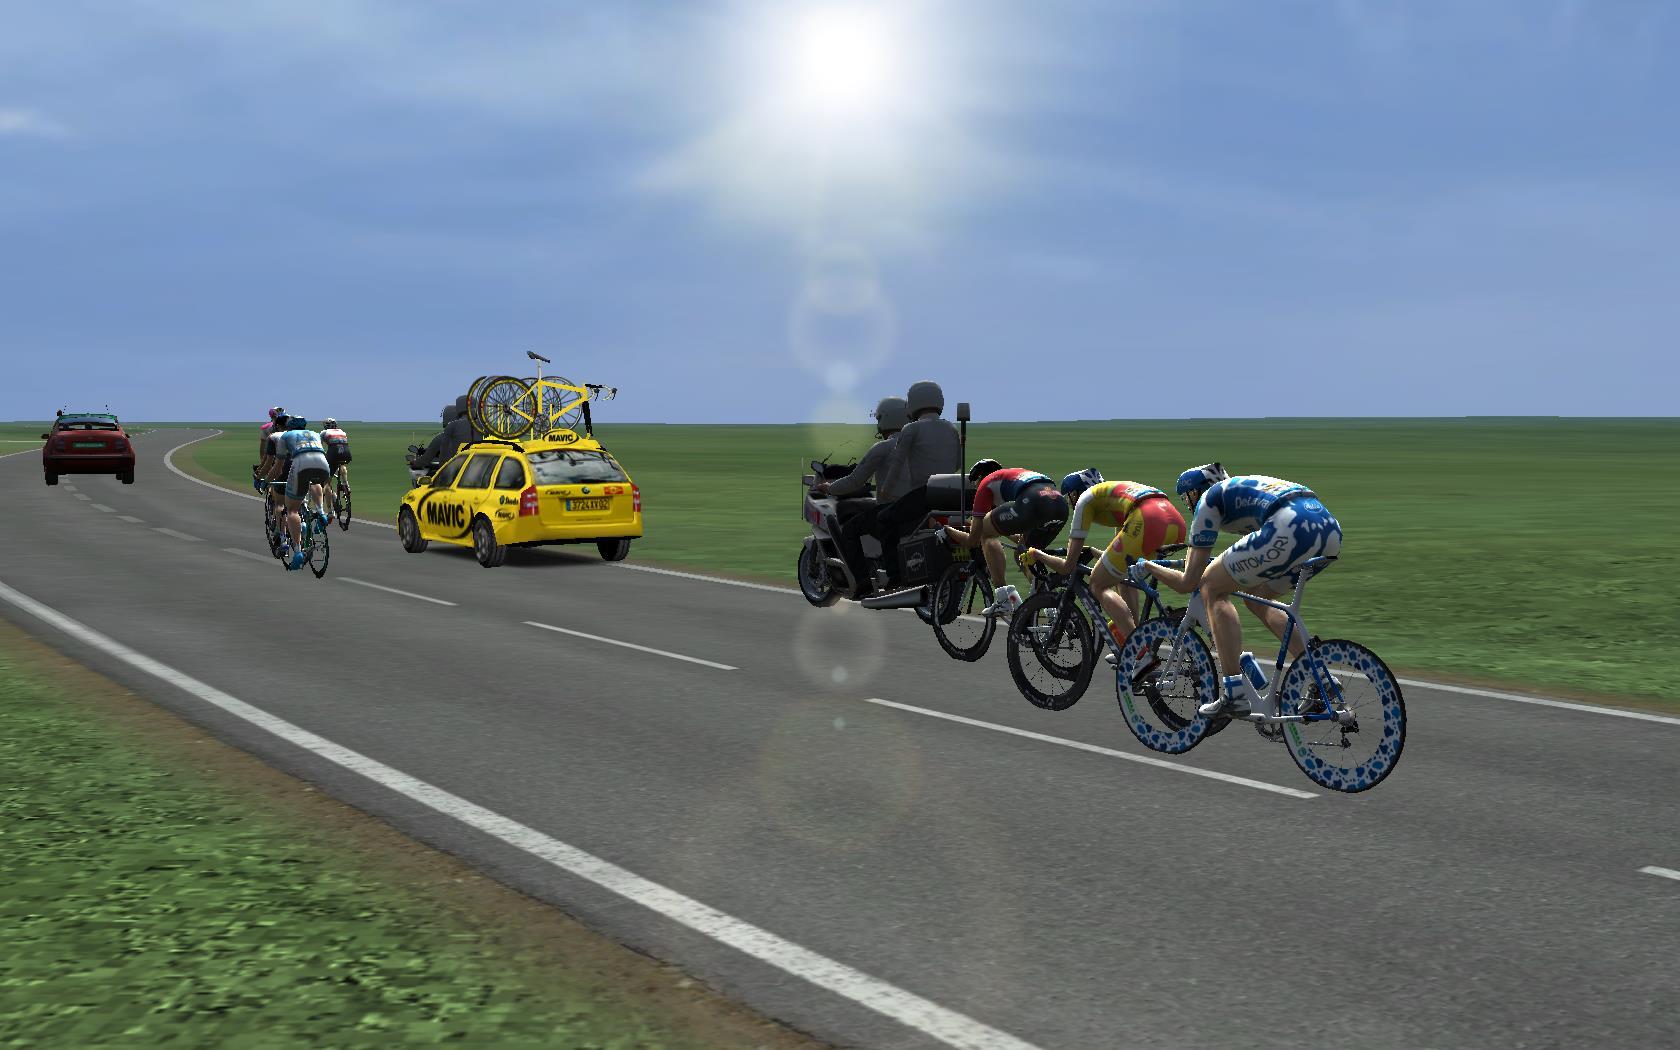 pcmdaily.com/images/mg/2018/Races/C2HC/ParisTours/PCM0003.jpg